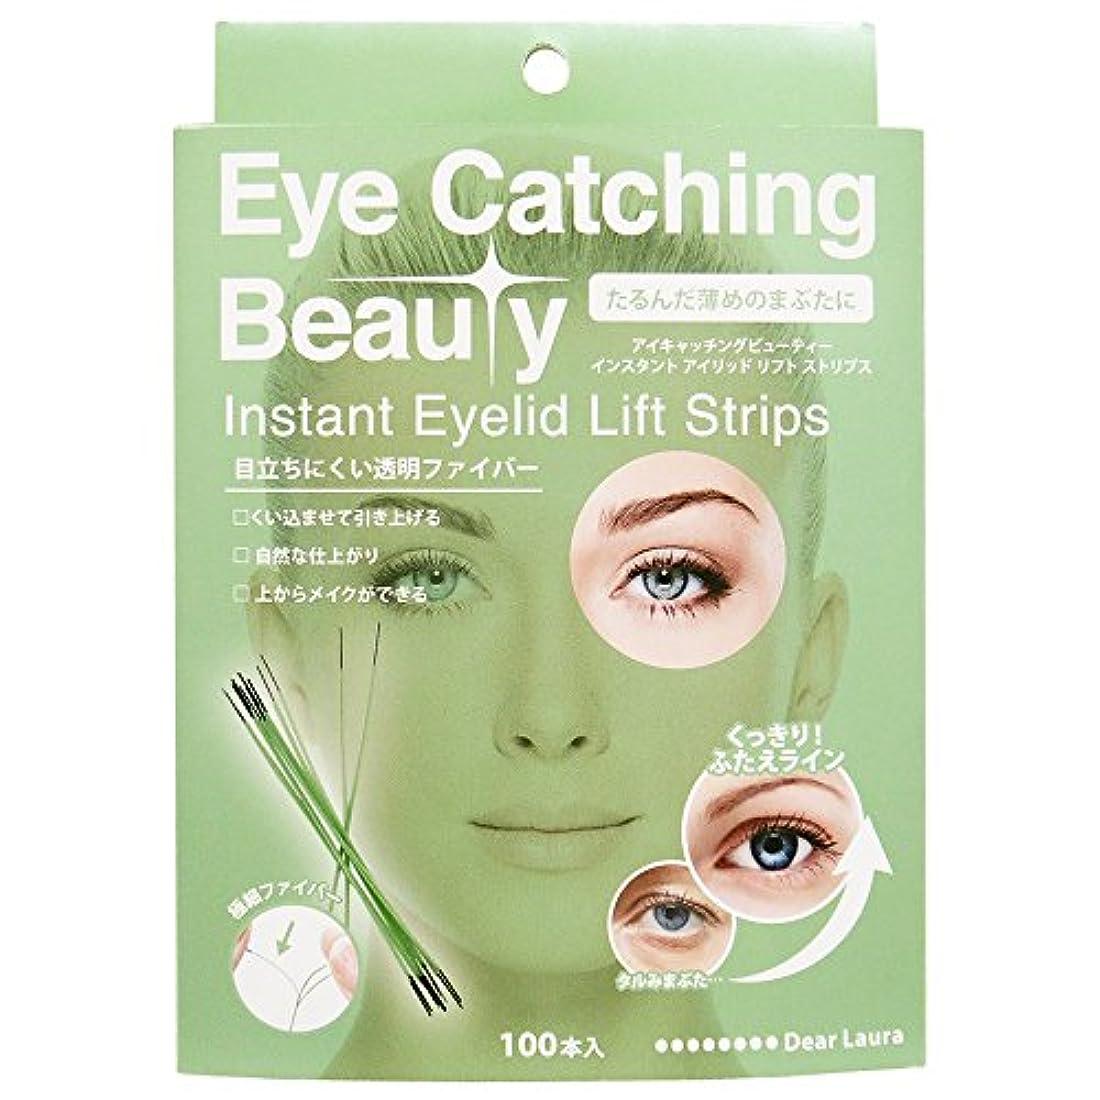 離れて戦いあからさまアイキャッチングビューティー (Eye Catching Beauty) インスタント アイリッド リフト ストリップス ECB-J03 100本